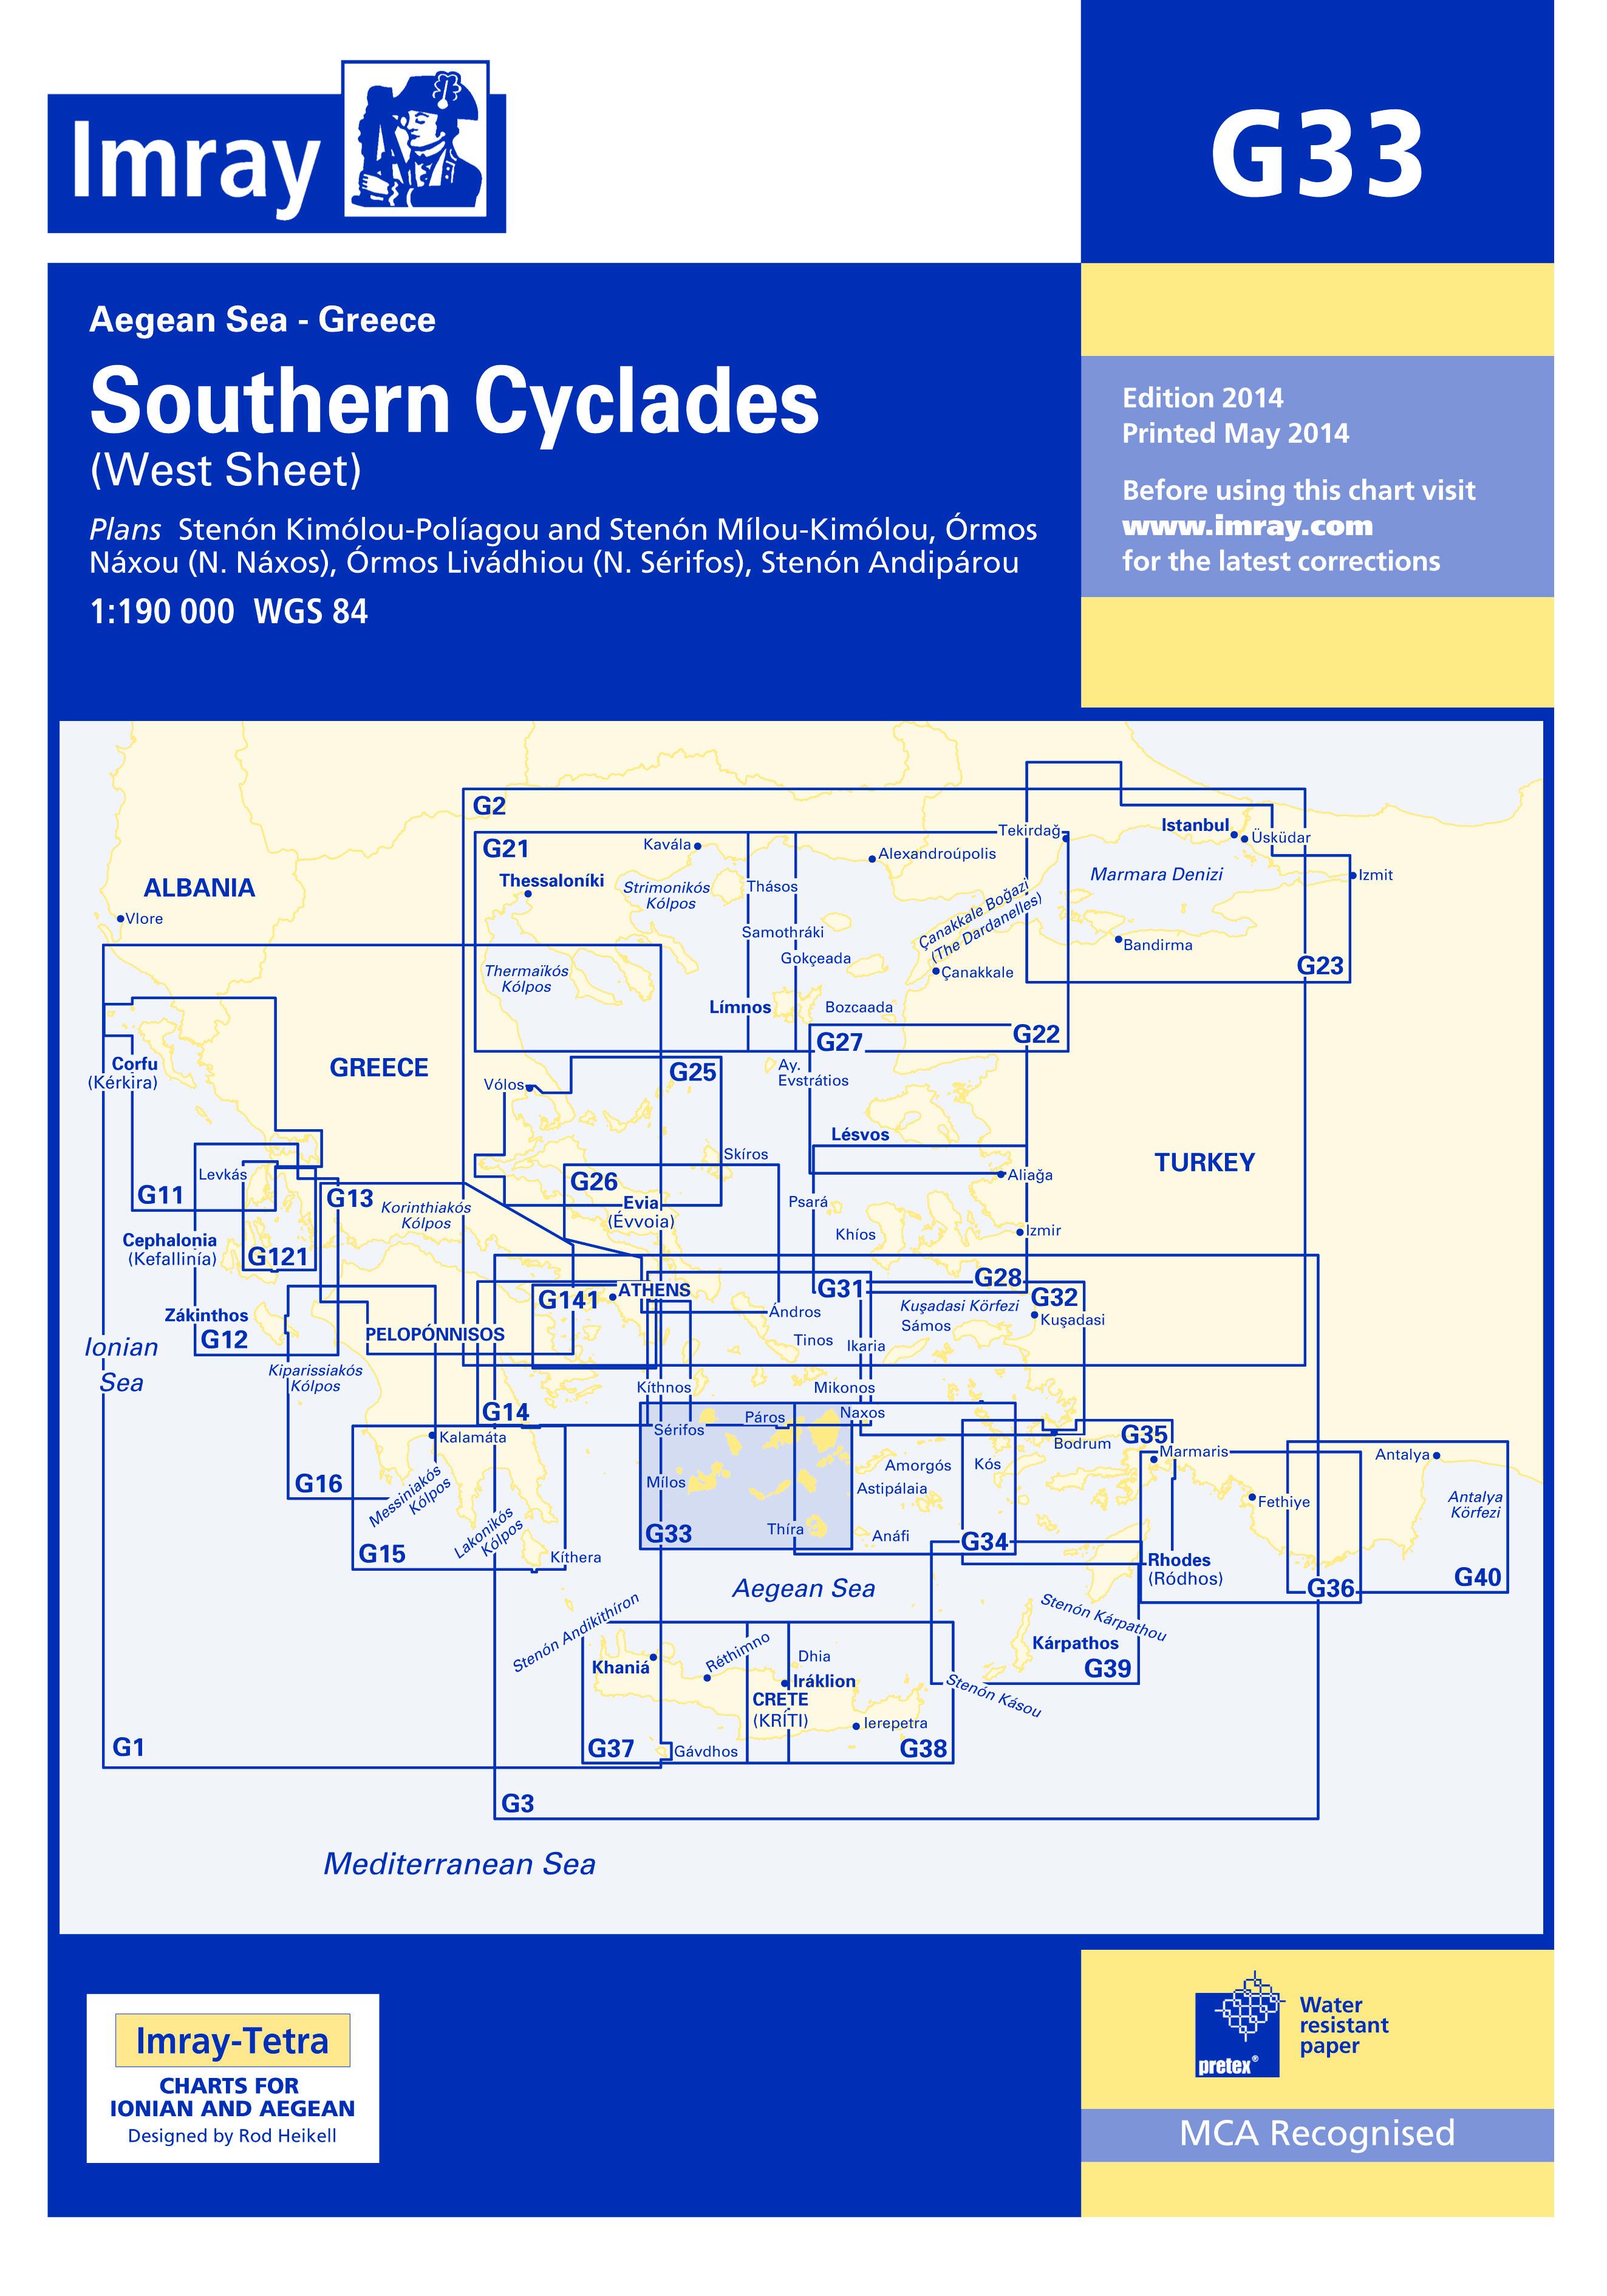 33.53 - Ναυτικός Χάρτης IMRAY ICG33-1Νότιες Κυκλάδες (Δυτική Πλευρά)